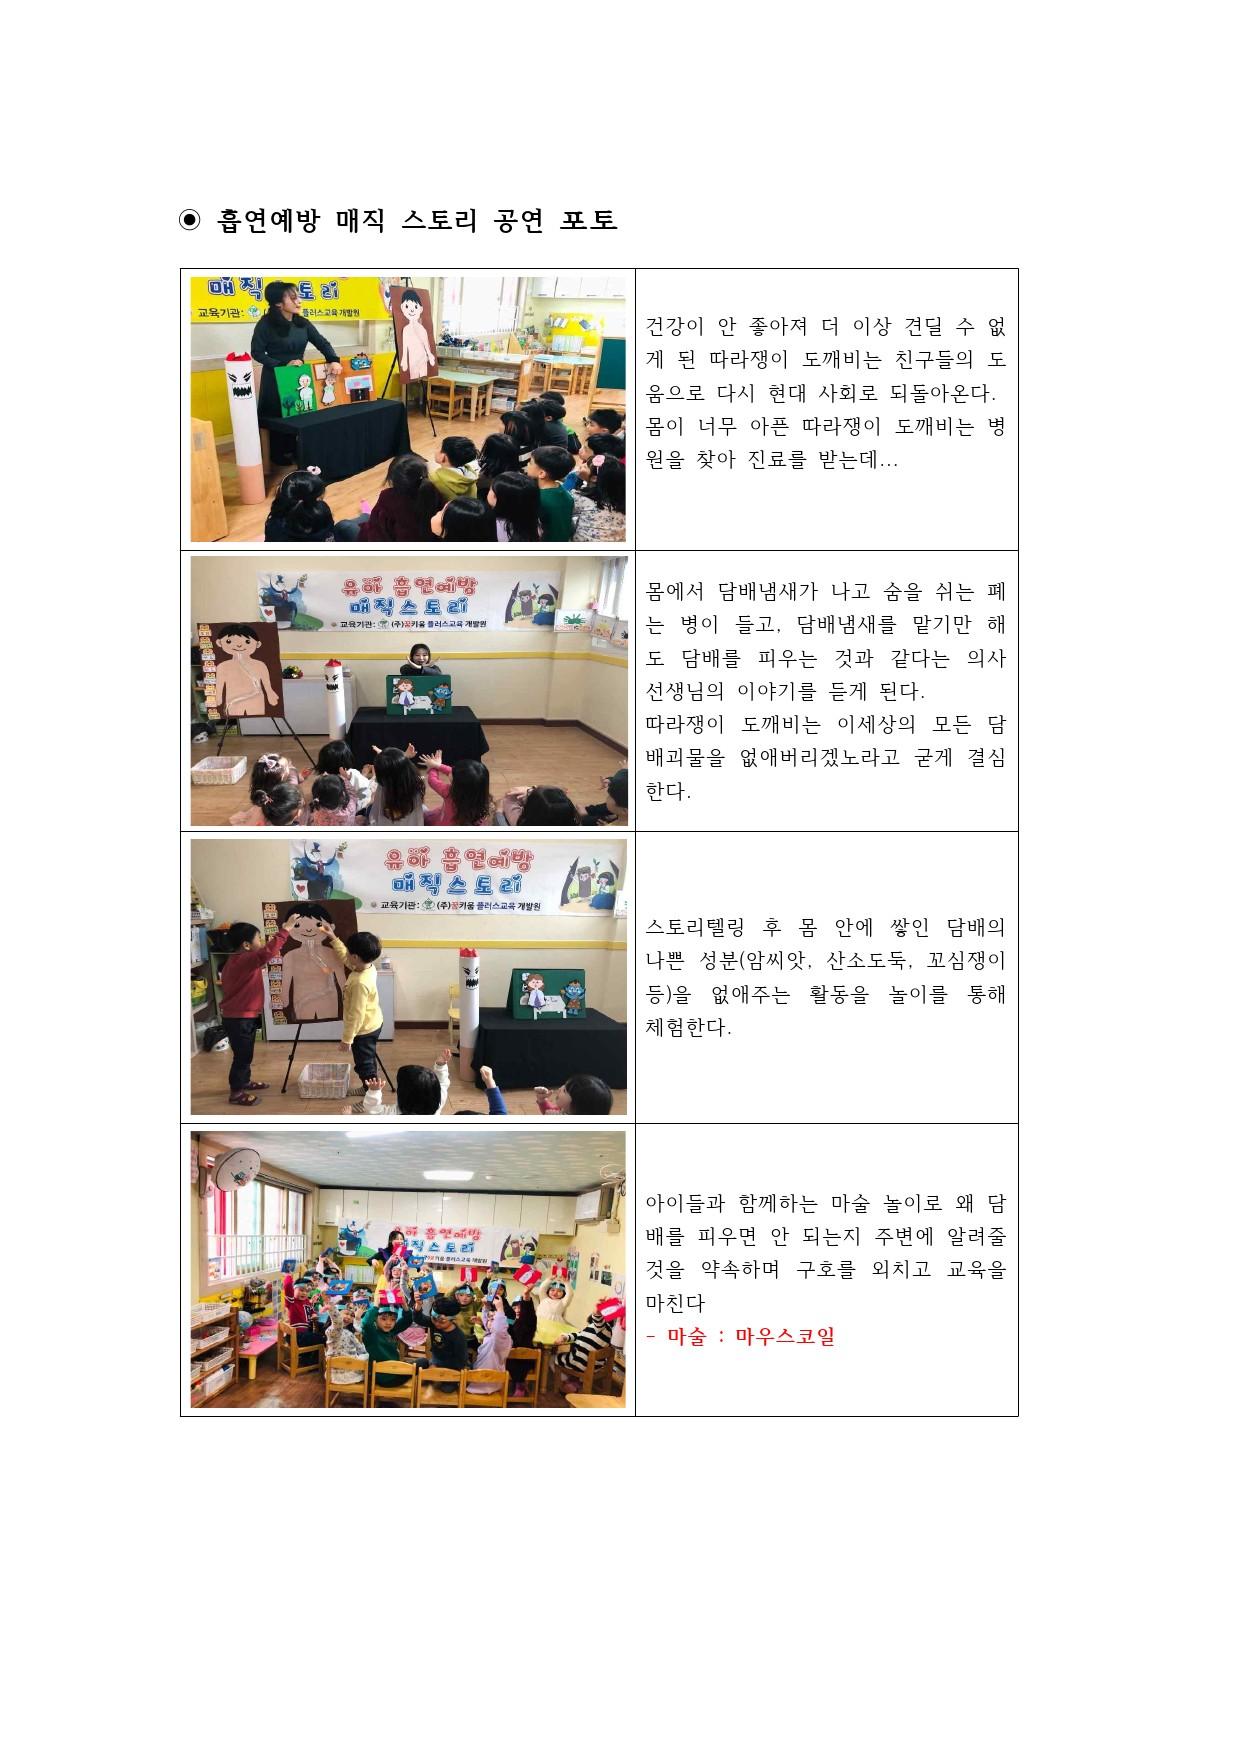 유아 흡연예방 매직스토리 (유치원, 초등 저학년)-6.jpg